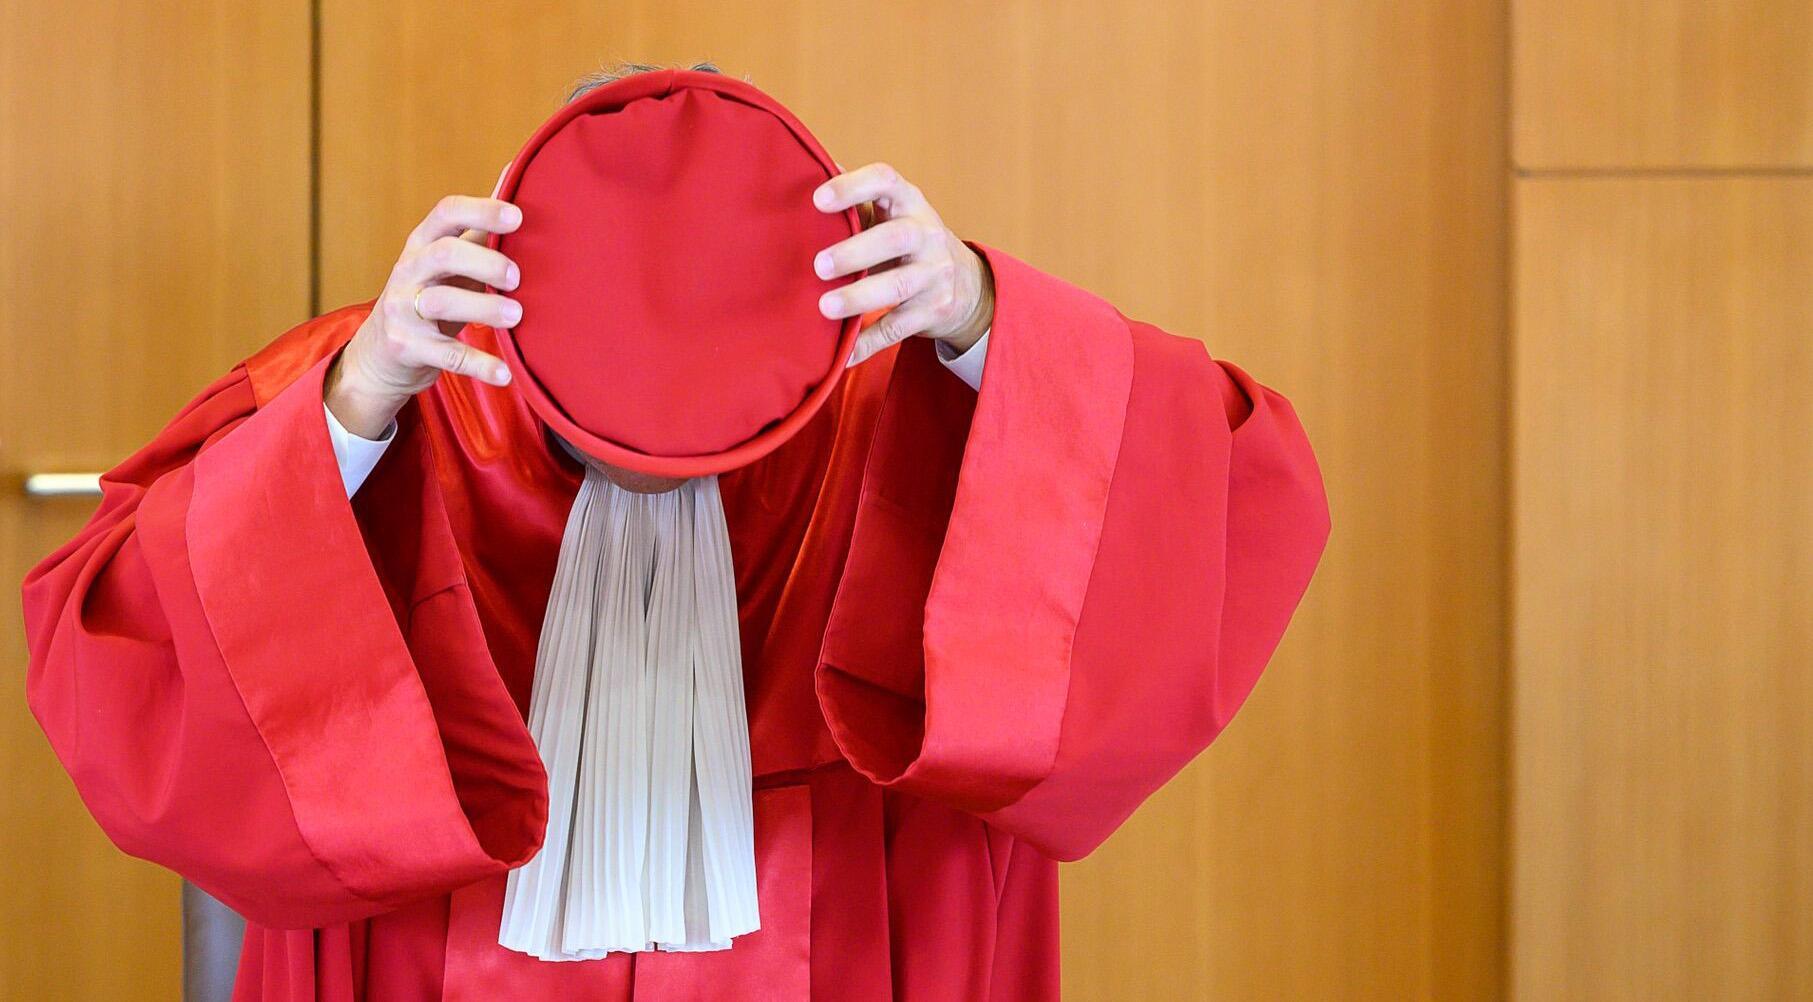 Bild zu Andreas Voßkuhle, Bundesverfassungsgericht, Kopfbedeckung